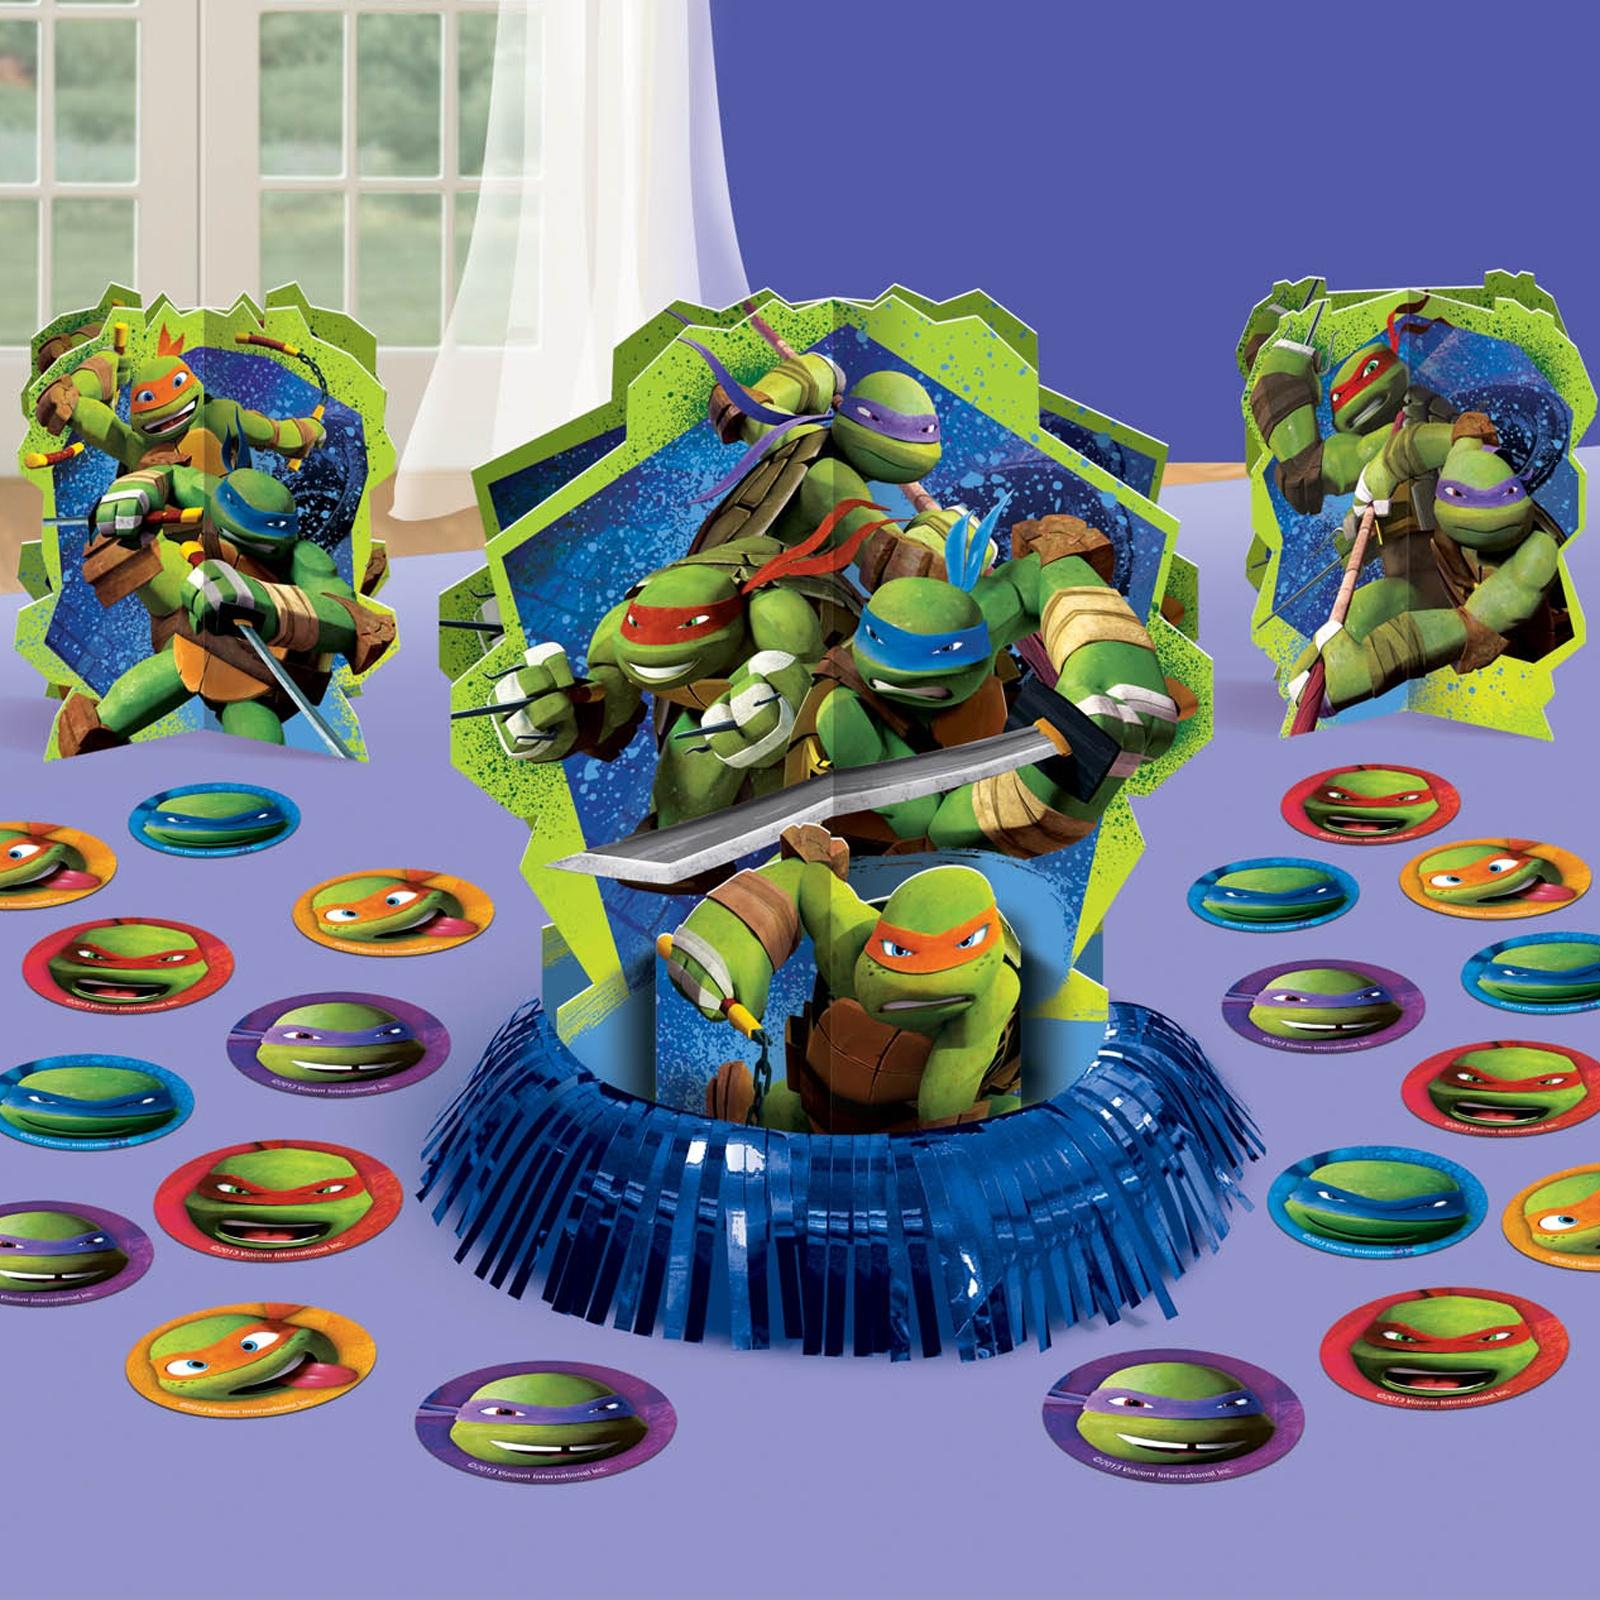 Teenage Mutant Ninja Turtles Party Supplies Table Decor